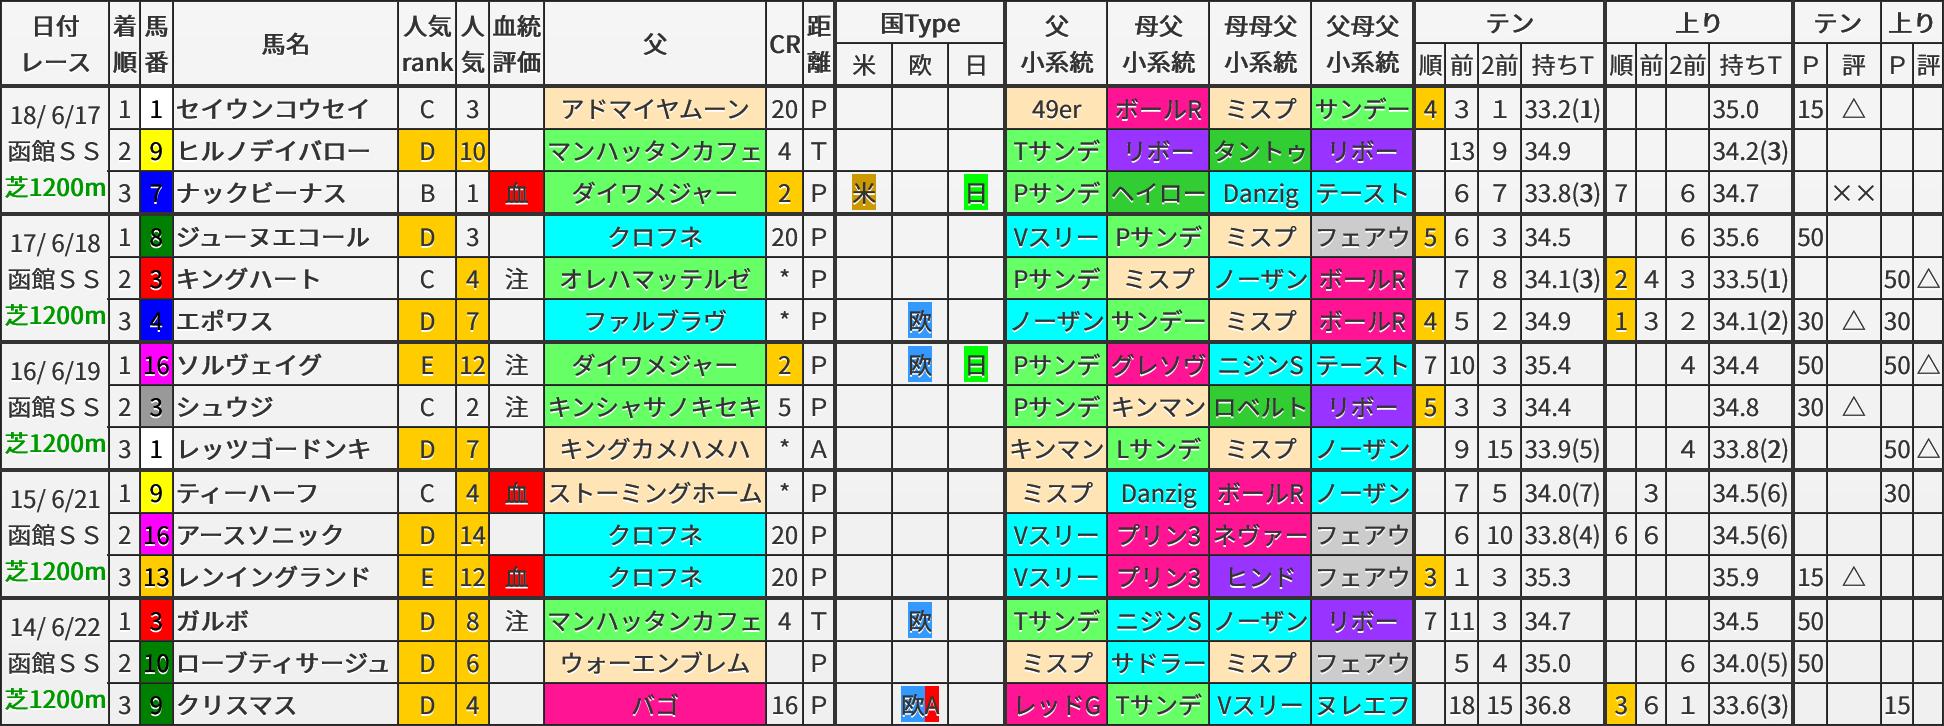 函館スプリントS 過去5年ブラッドバイアス